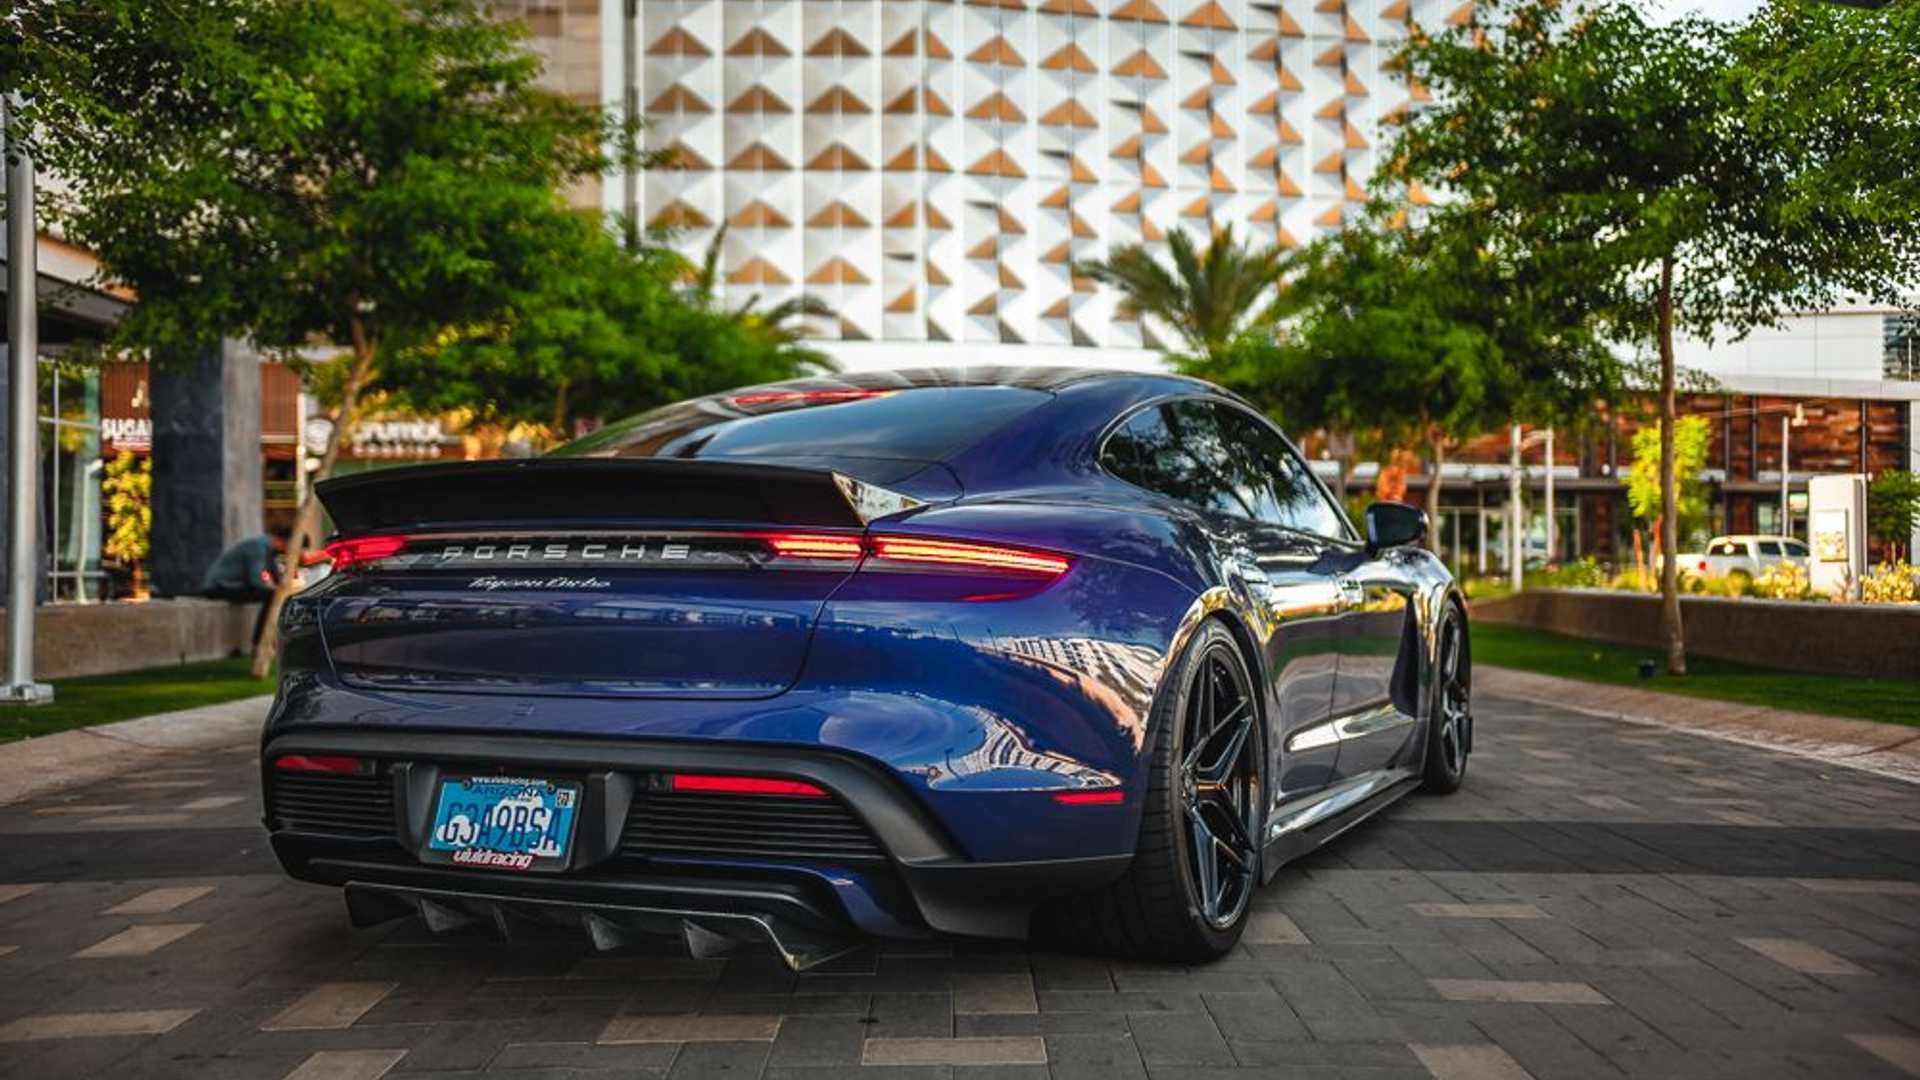 Porsche-Taycan-by-Vivid-Racing-29